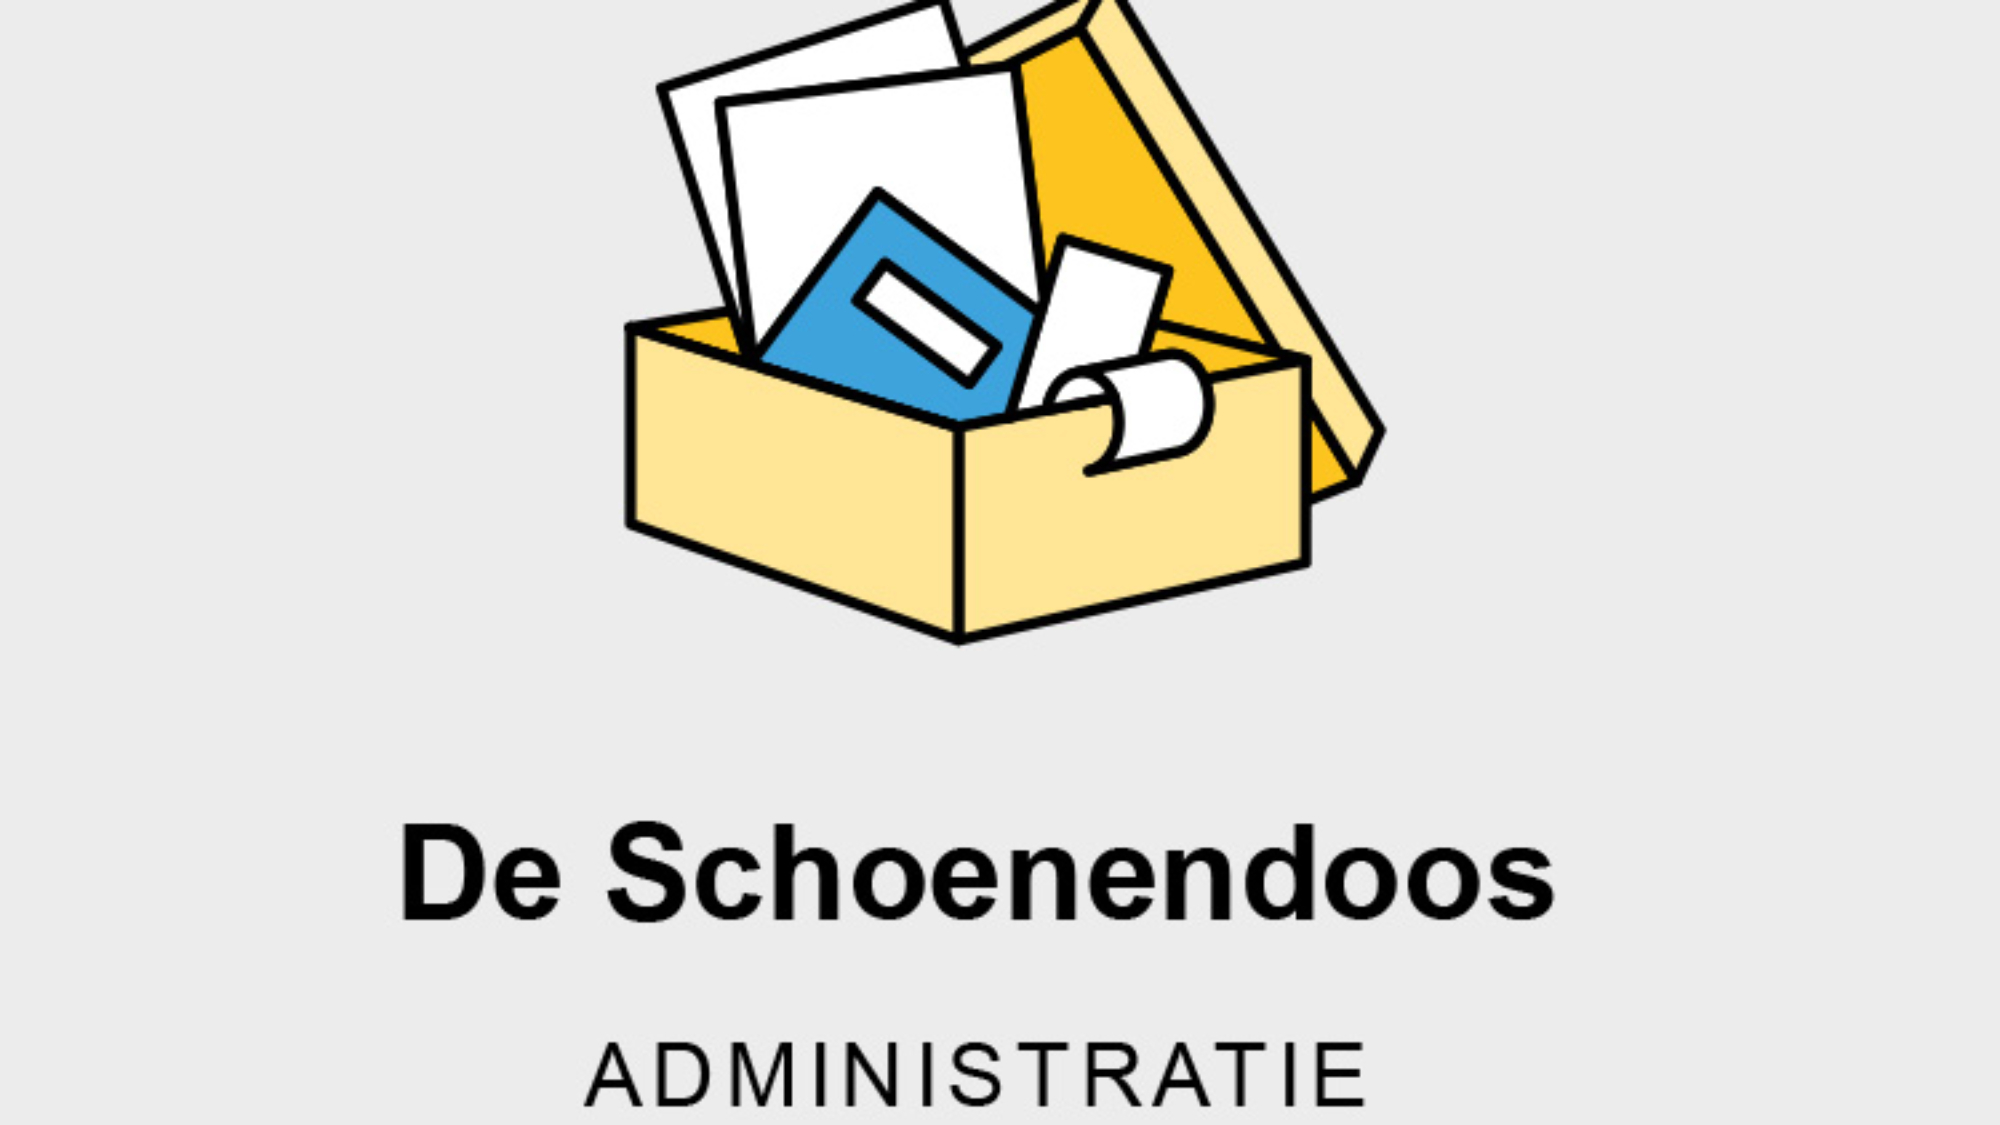 Schoenendoos_750x750-1